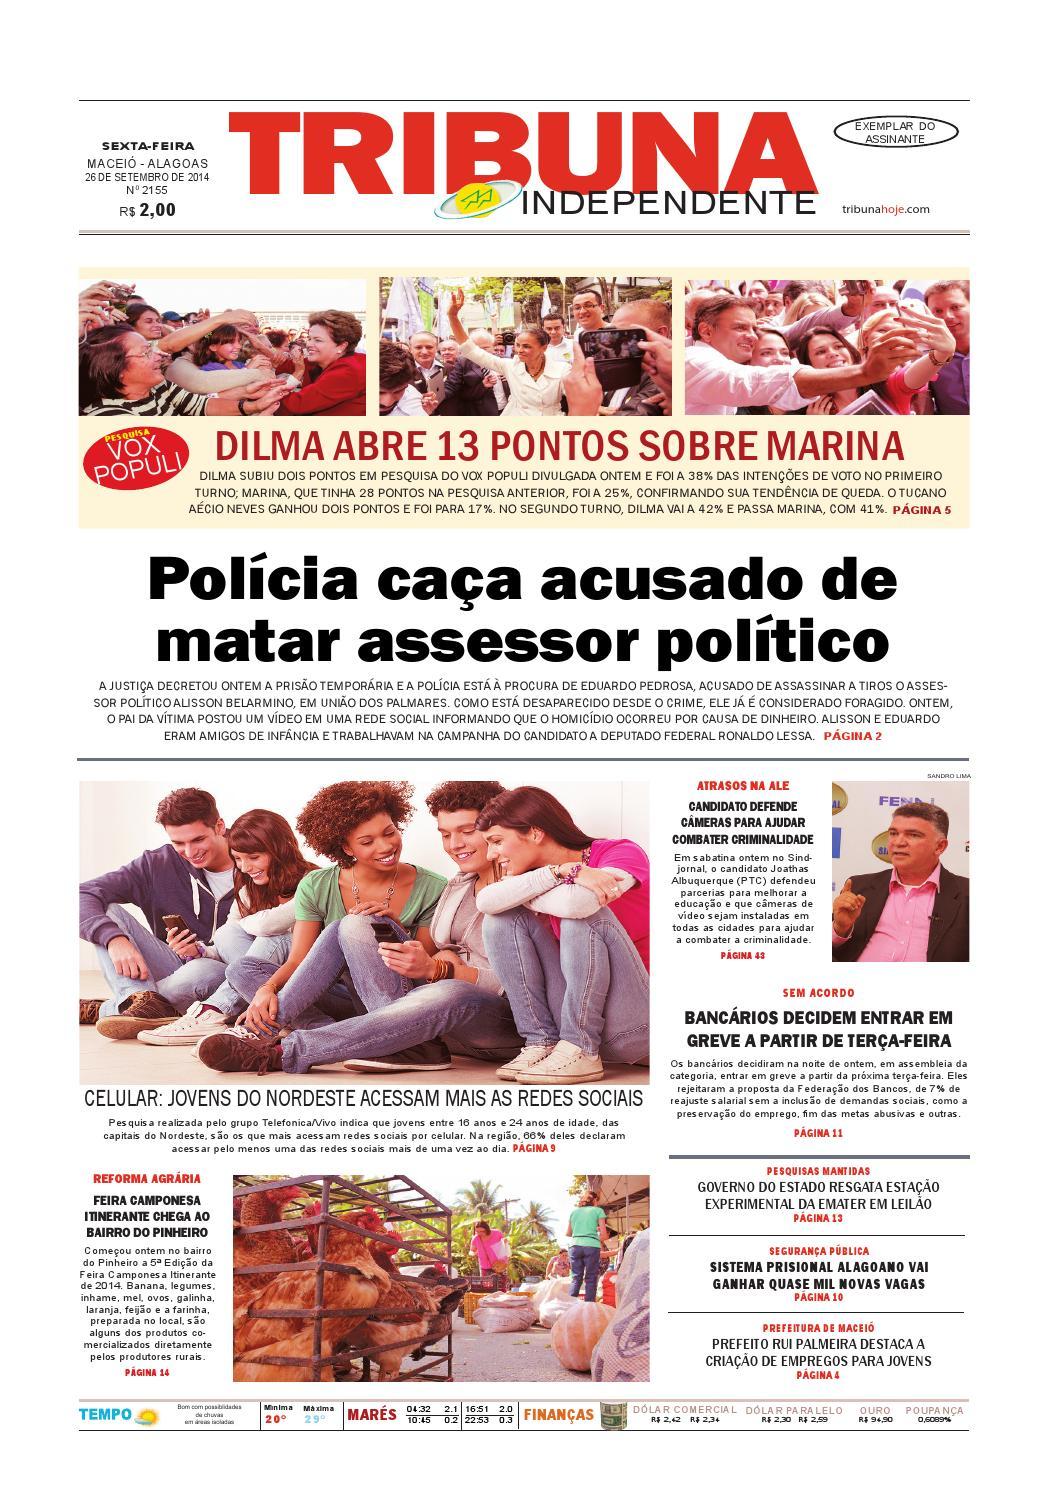 55da5c6422 Edição número 2156 - 26 de setembro de 2014 by Tribuna Hoje - issuu